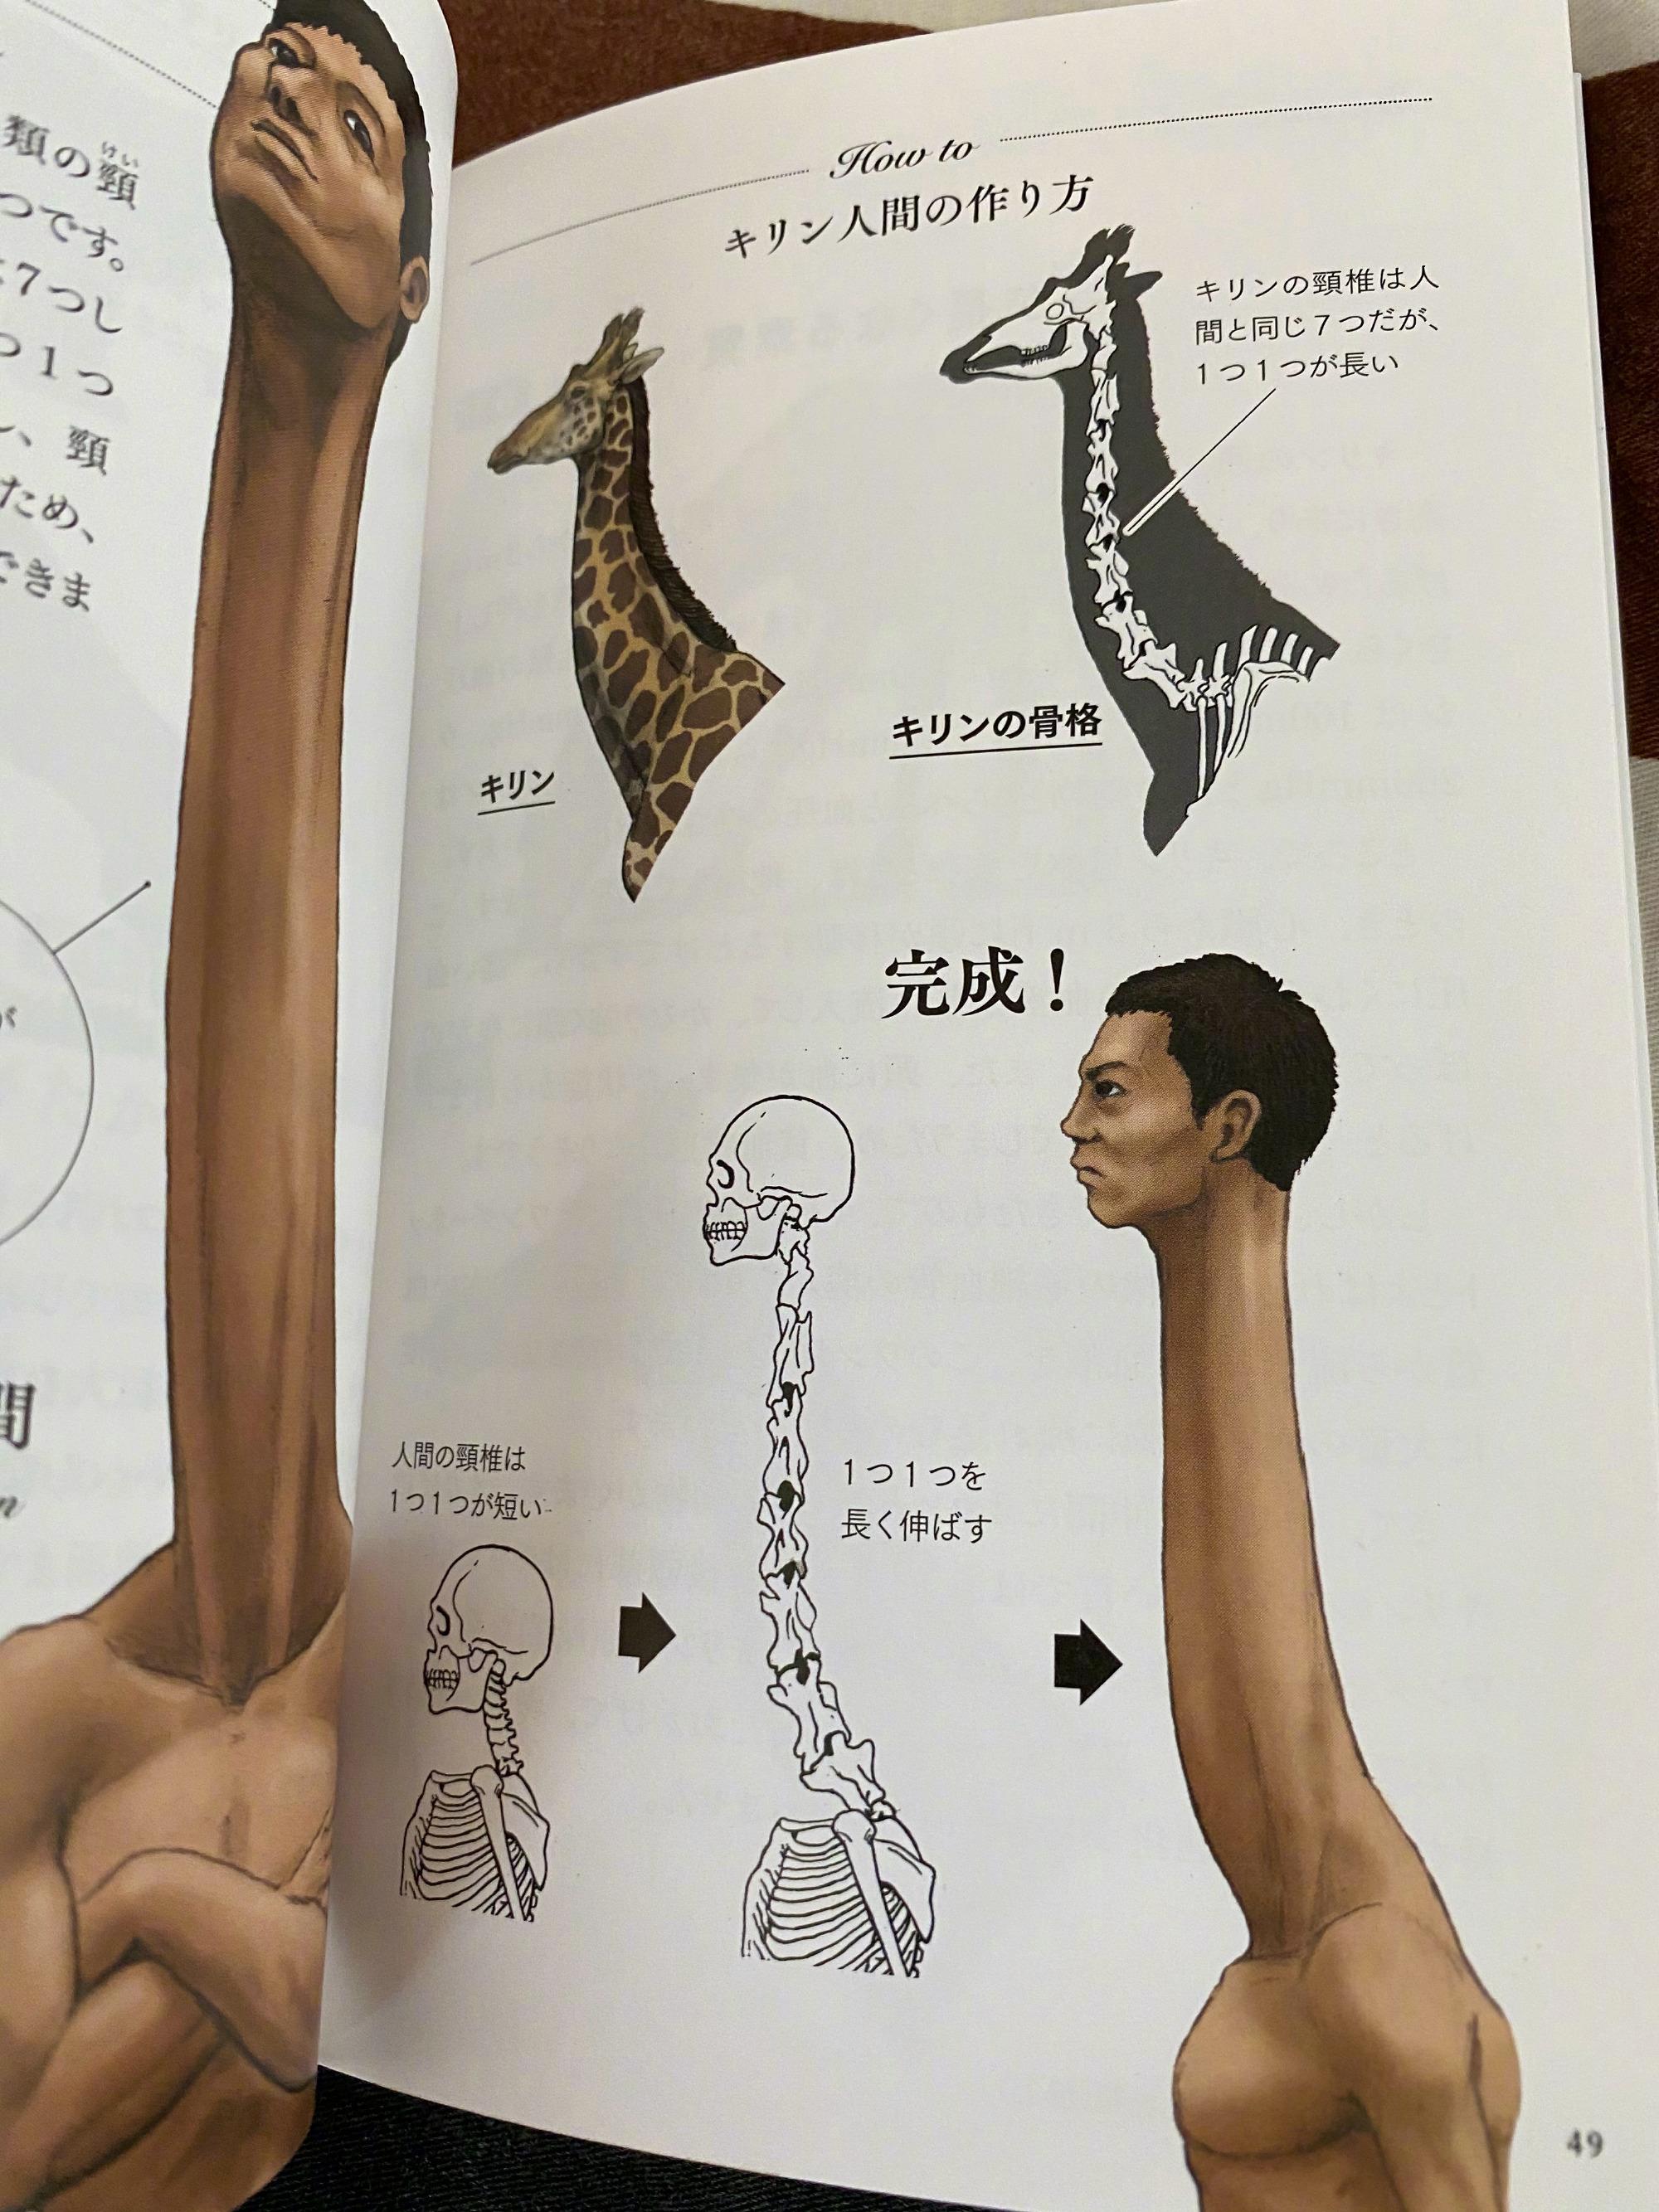 古生物画师川崎悟司的奇葩科普图鉴。